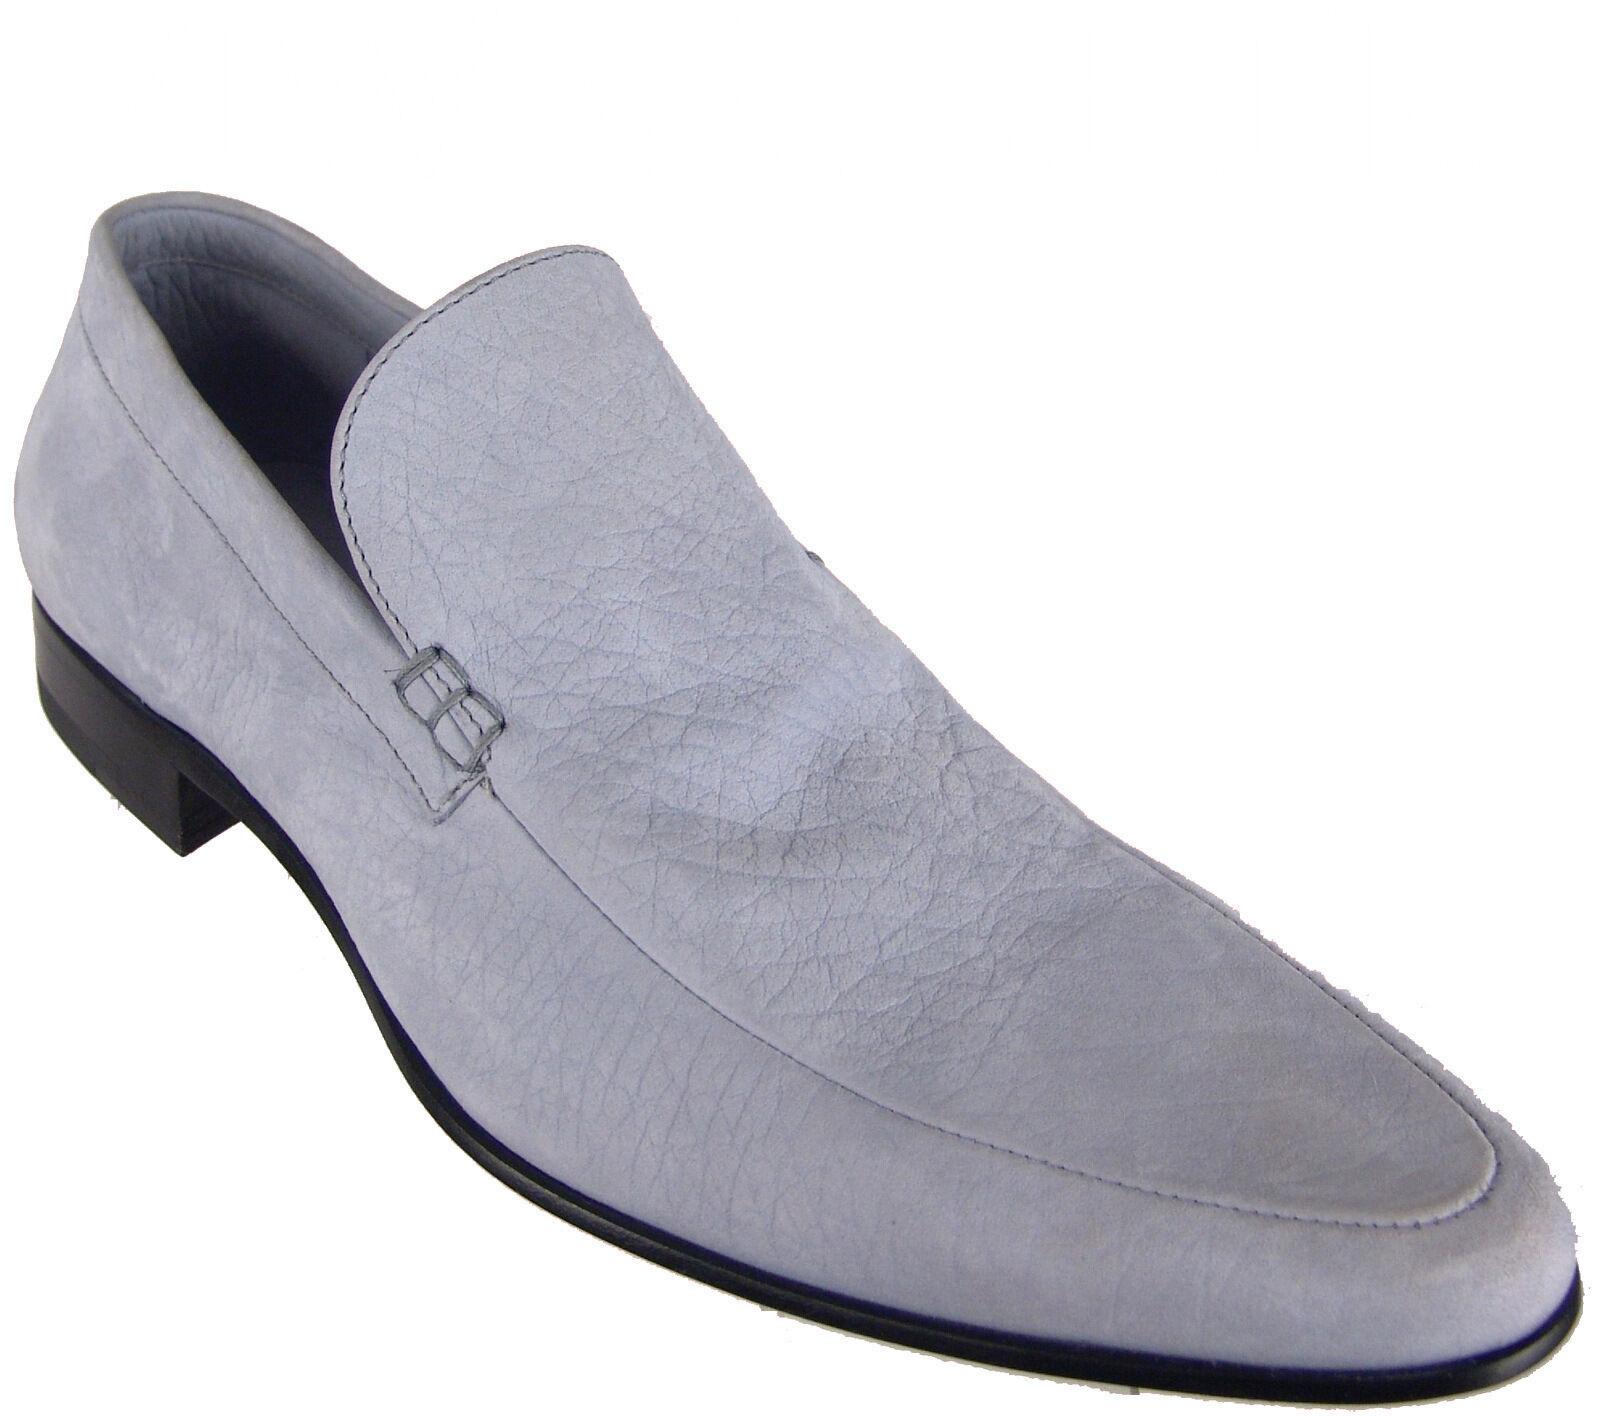 Authentic  680 Cesare Paciotti US 7 Elegant Loafers Italian Designer scarpe